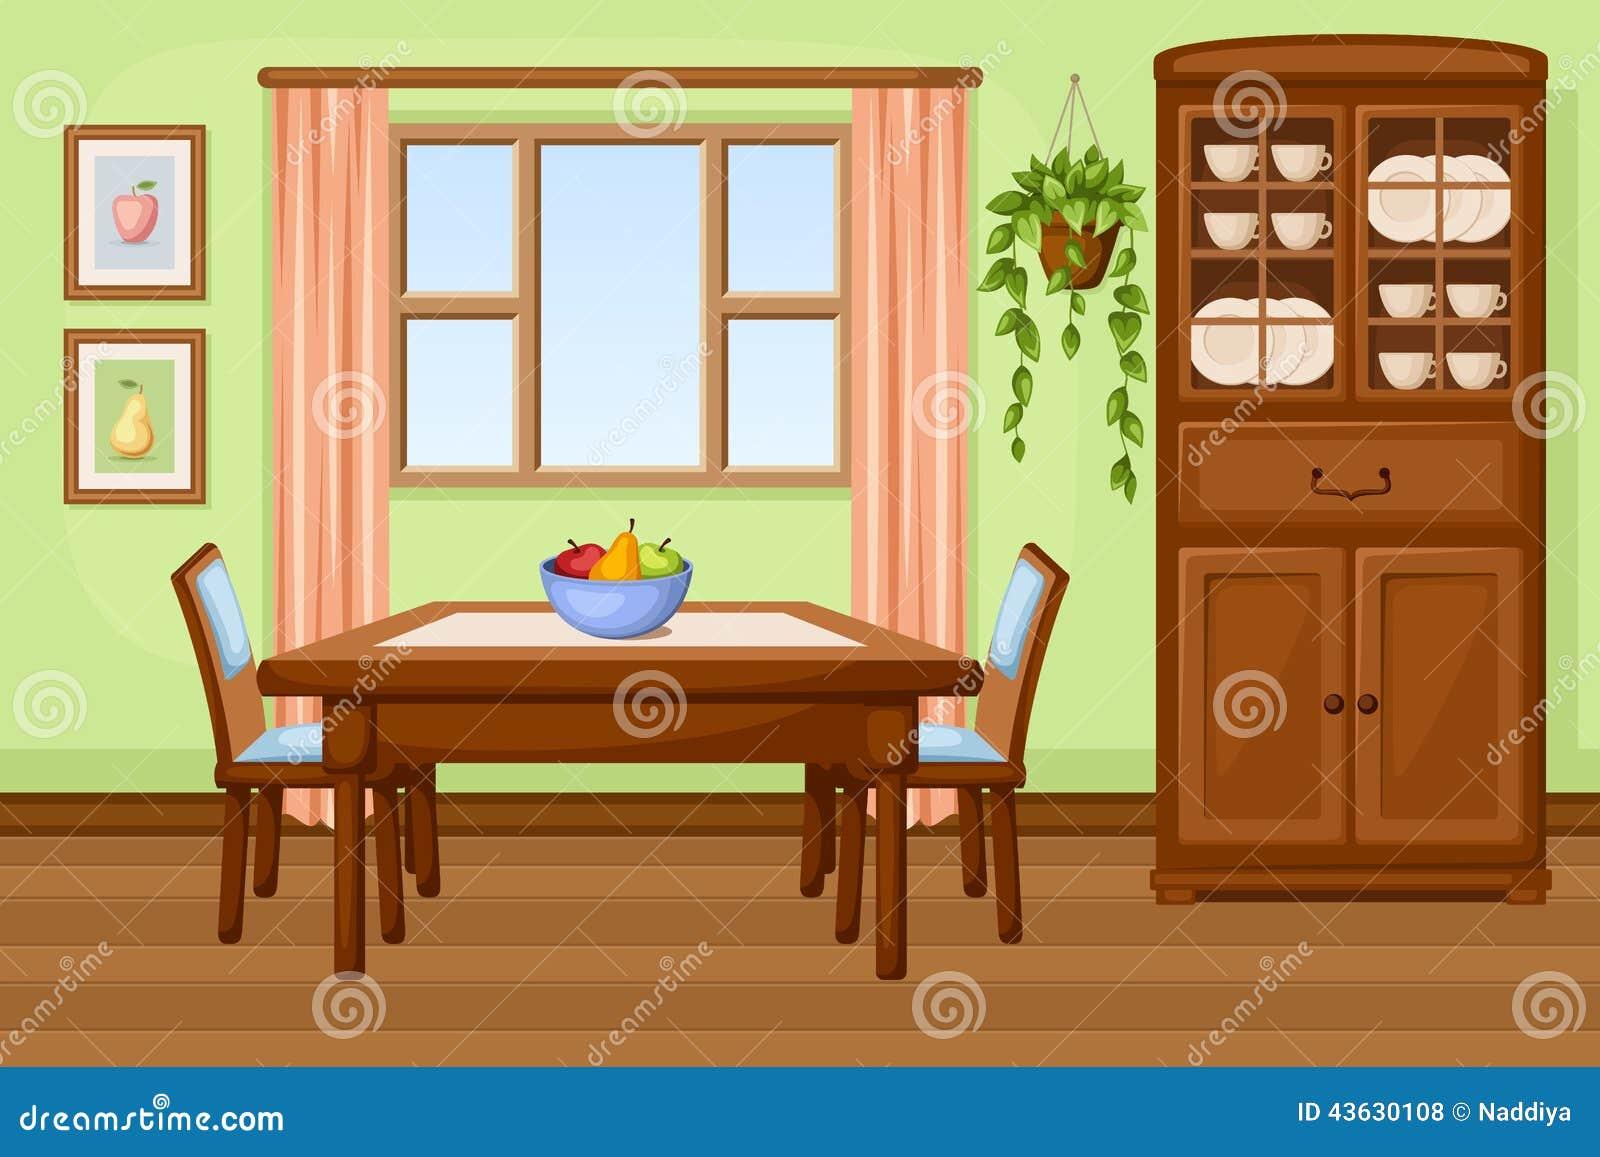 Int rieur de salle manger avec la table et le placard for Placard mural salle a manger